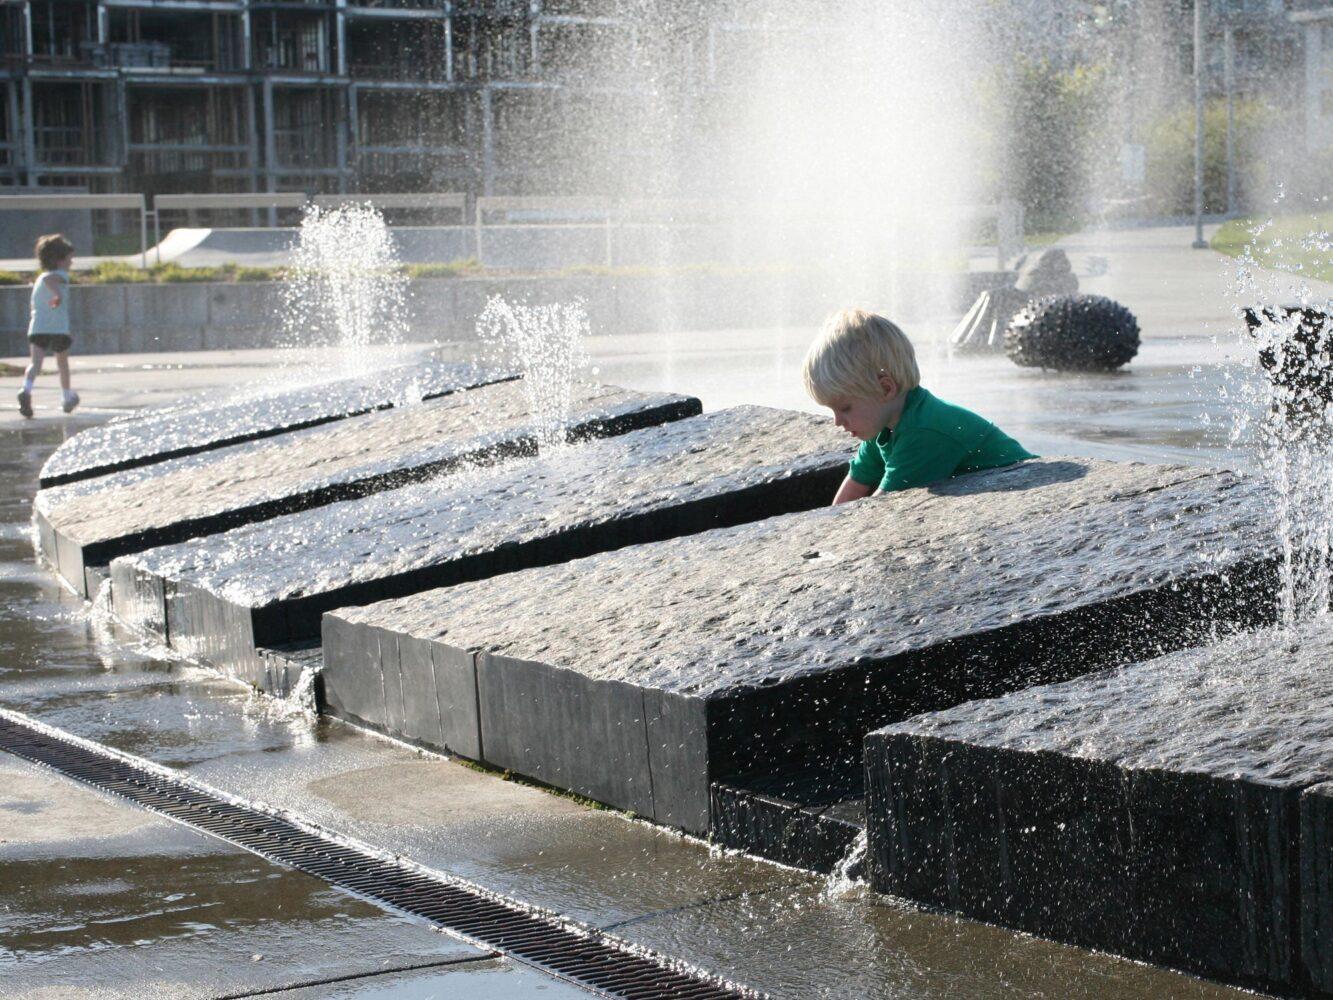 01_Ballard-Park-plaza-08